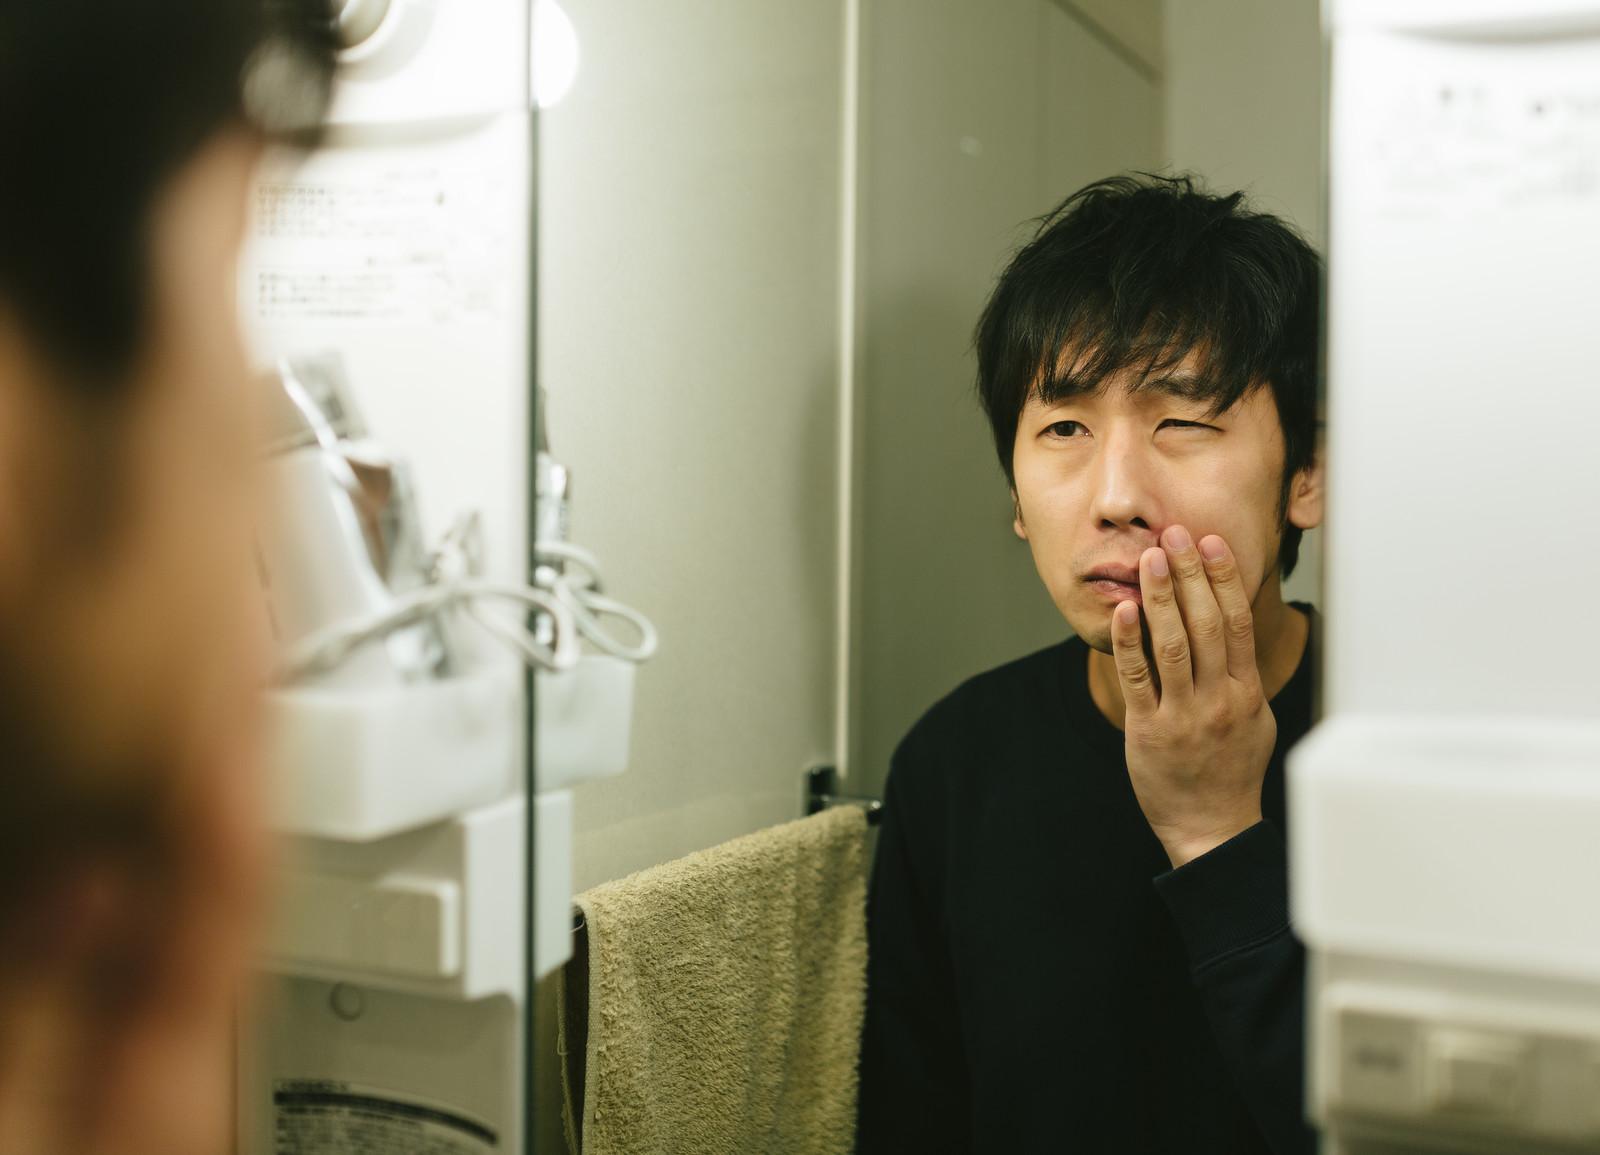 乾燥肌・カサカサ・かゆみを保湿して治すおすすめ市販薬を薬剤師が紹介【顔・からだ】